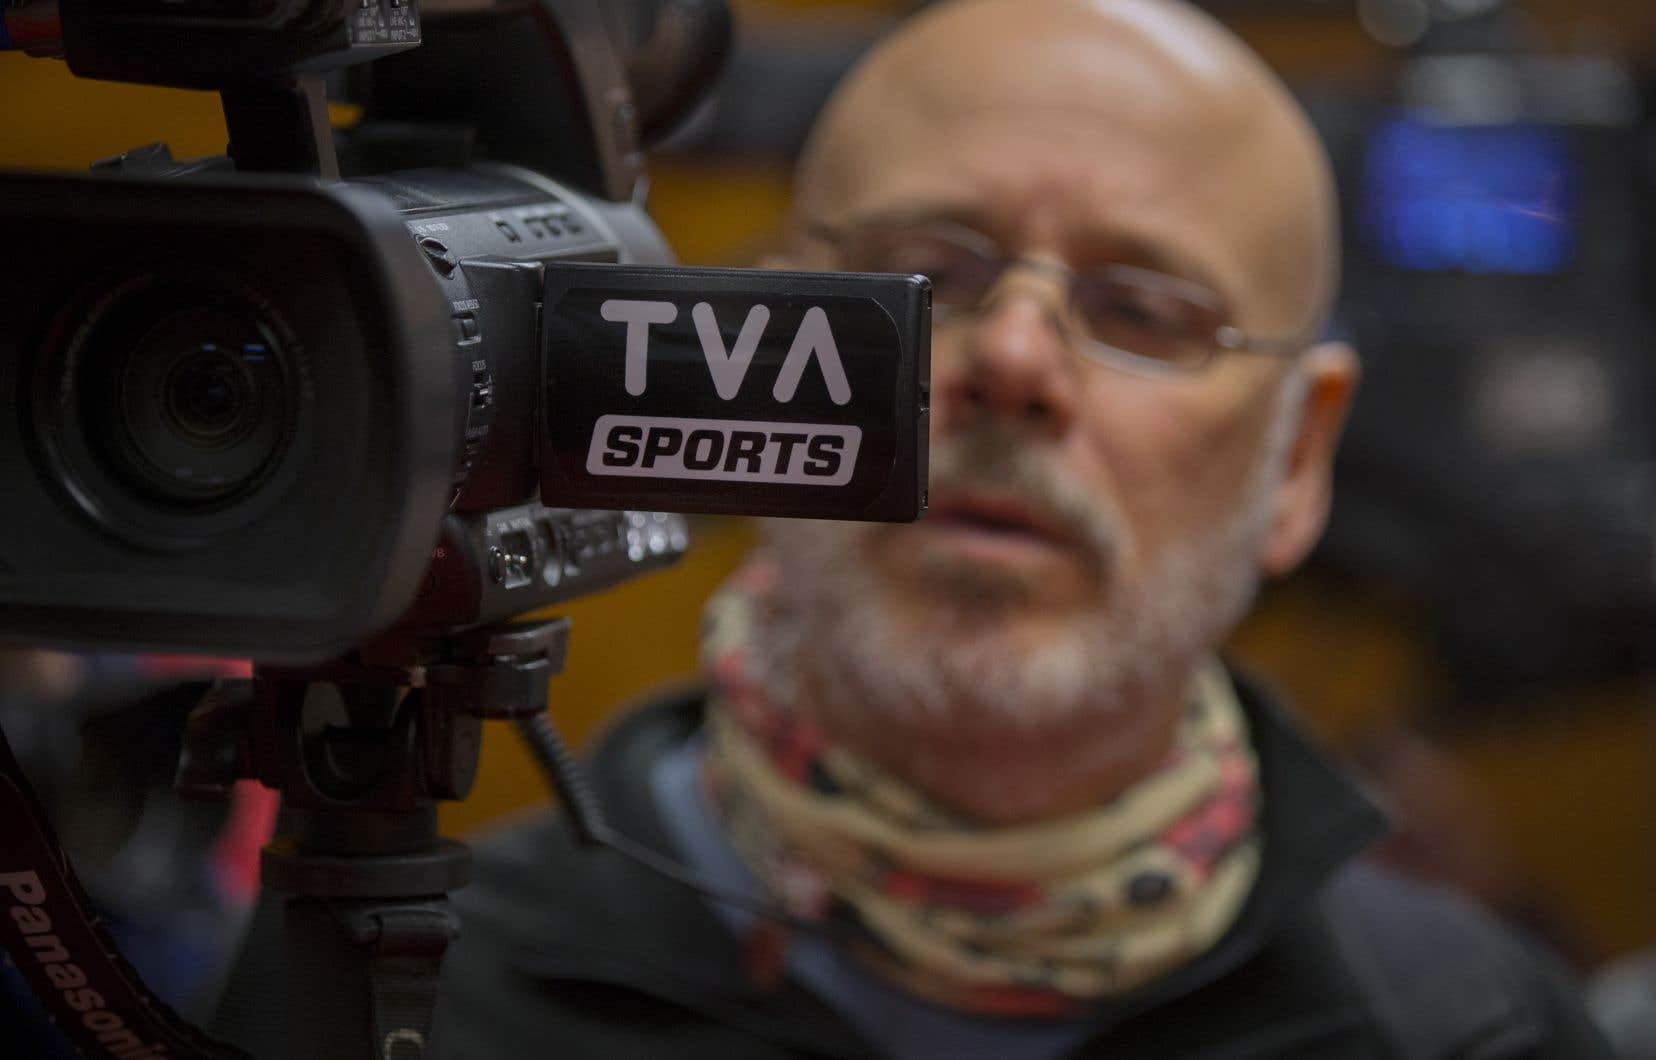 À TVA Sports, ce sont les émissions originales «Dave Morissette en direct», «JiC» et le bulletin de nouvelles de TVA Sportsqui seront suspendues.